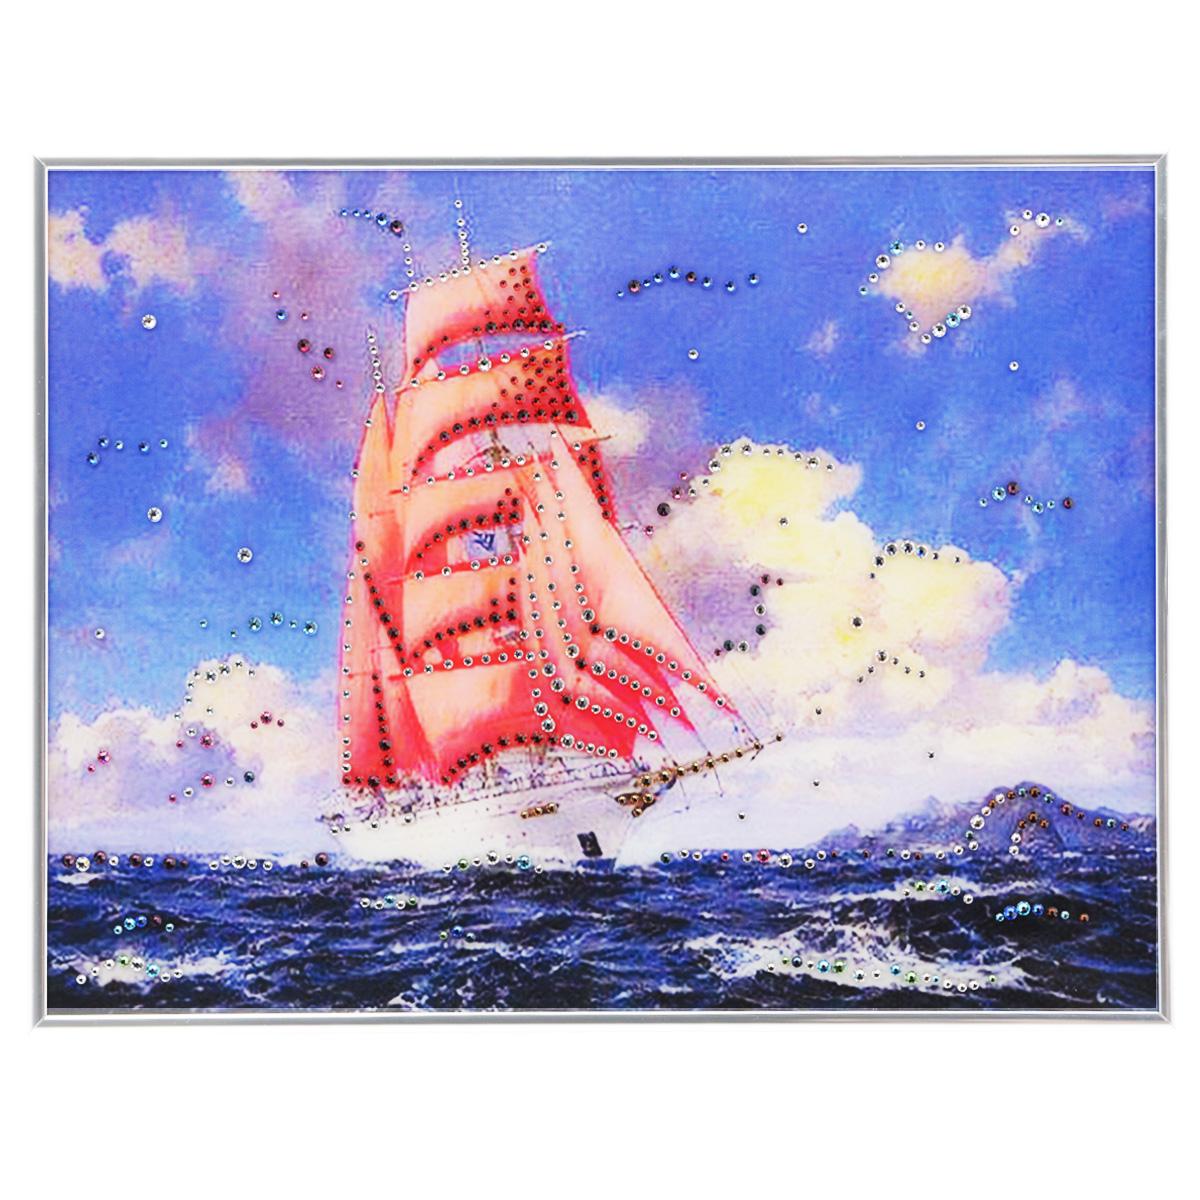 Картина с кристаллами Swarovski Алые Паруса, 40 см х 30 см1051Изящная картина в металлической раме, инкрустирована кристаллами Swarovski, которые отличаются четкой и ровной огранкой, ярким блеском и чистотой цвета. Красочное изображение кораблика с алыми парусами, расположенное под стеклом, прекрасно дополняет блеск кристаллов. С обратной стороны имеется металлическая петелька для размещения картины на стене. Картина с кристаллами Swarovski Алые Паруса элегантно украсит интерьер дома или офиса, а также станет прекрасным подарком, который обязательно понравится получателю. Блеск кристаллов в интерьере, что может быть сказочнее и удивительнее. Картина упакована в подарочную картонную коробку синего цвета и комплектуется сертификатом соответствия Swarovski.